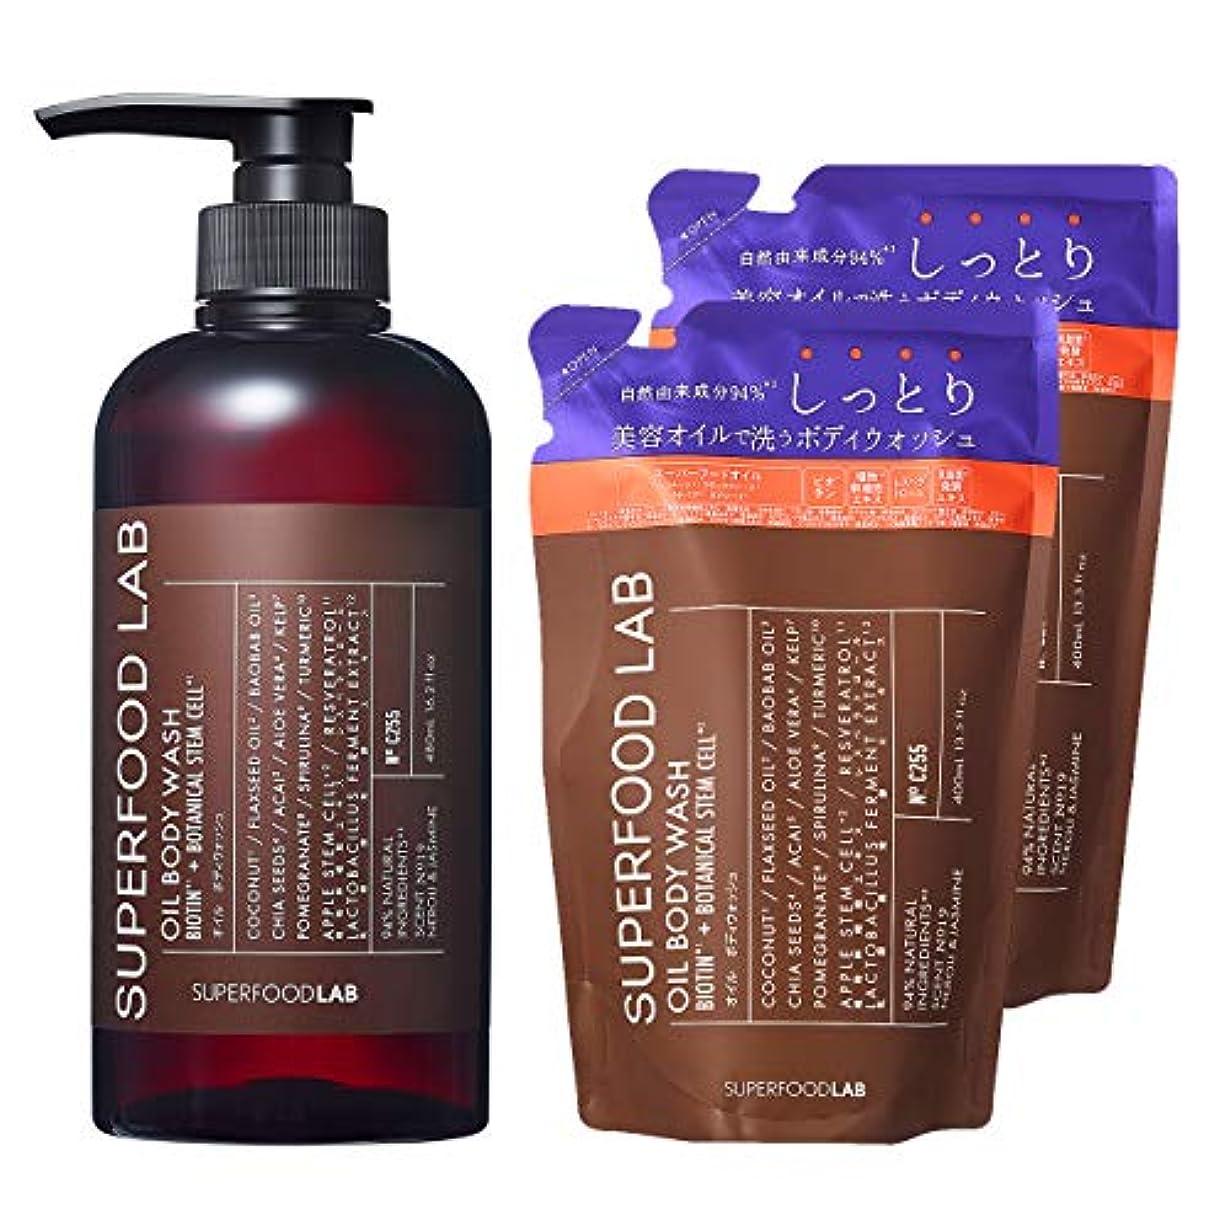 割れ目主流微生物SFL(スーパーフードラボ) 美容オイルで洗う【しっとり】ビオチン+オイル ボディウォッシュ 本体+リフィル2個セット